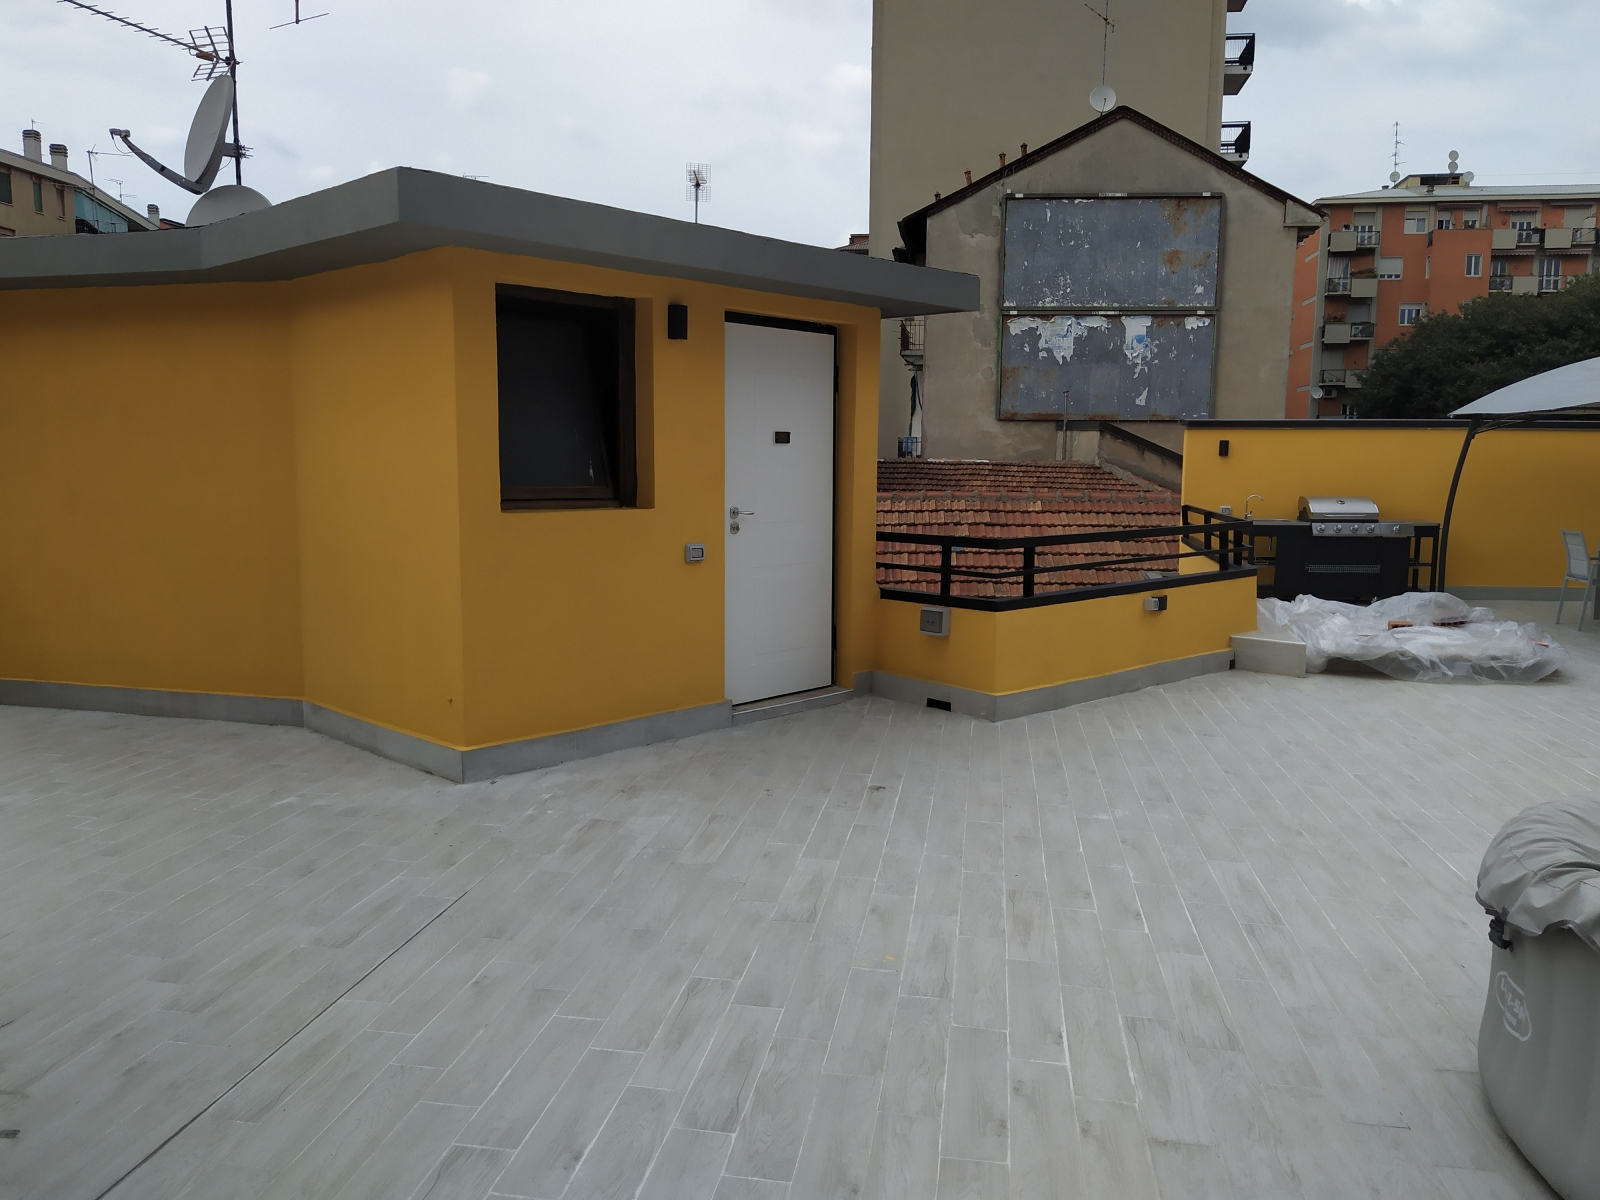 appartamento-in-vendita-milano-bovisa-piazza-dergano-3-locali-con-terrazzo-spaziourbano-immobiliare-vende-21